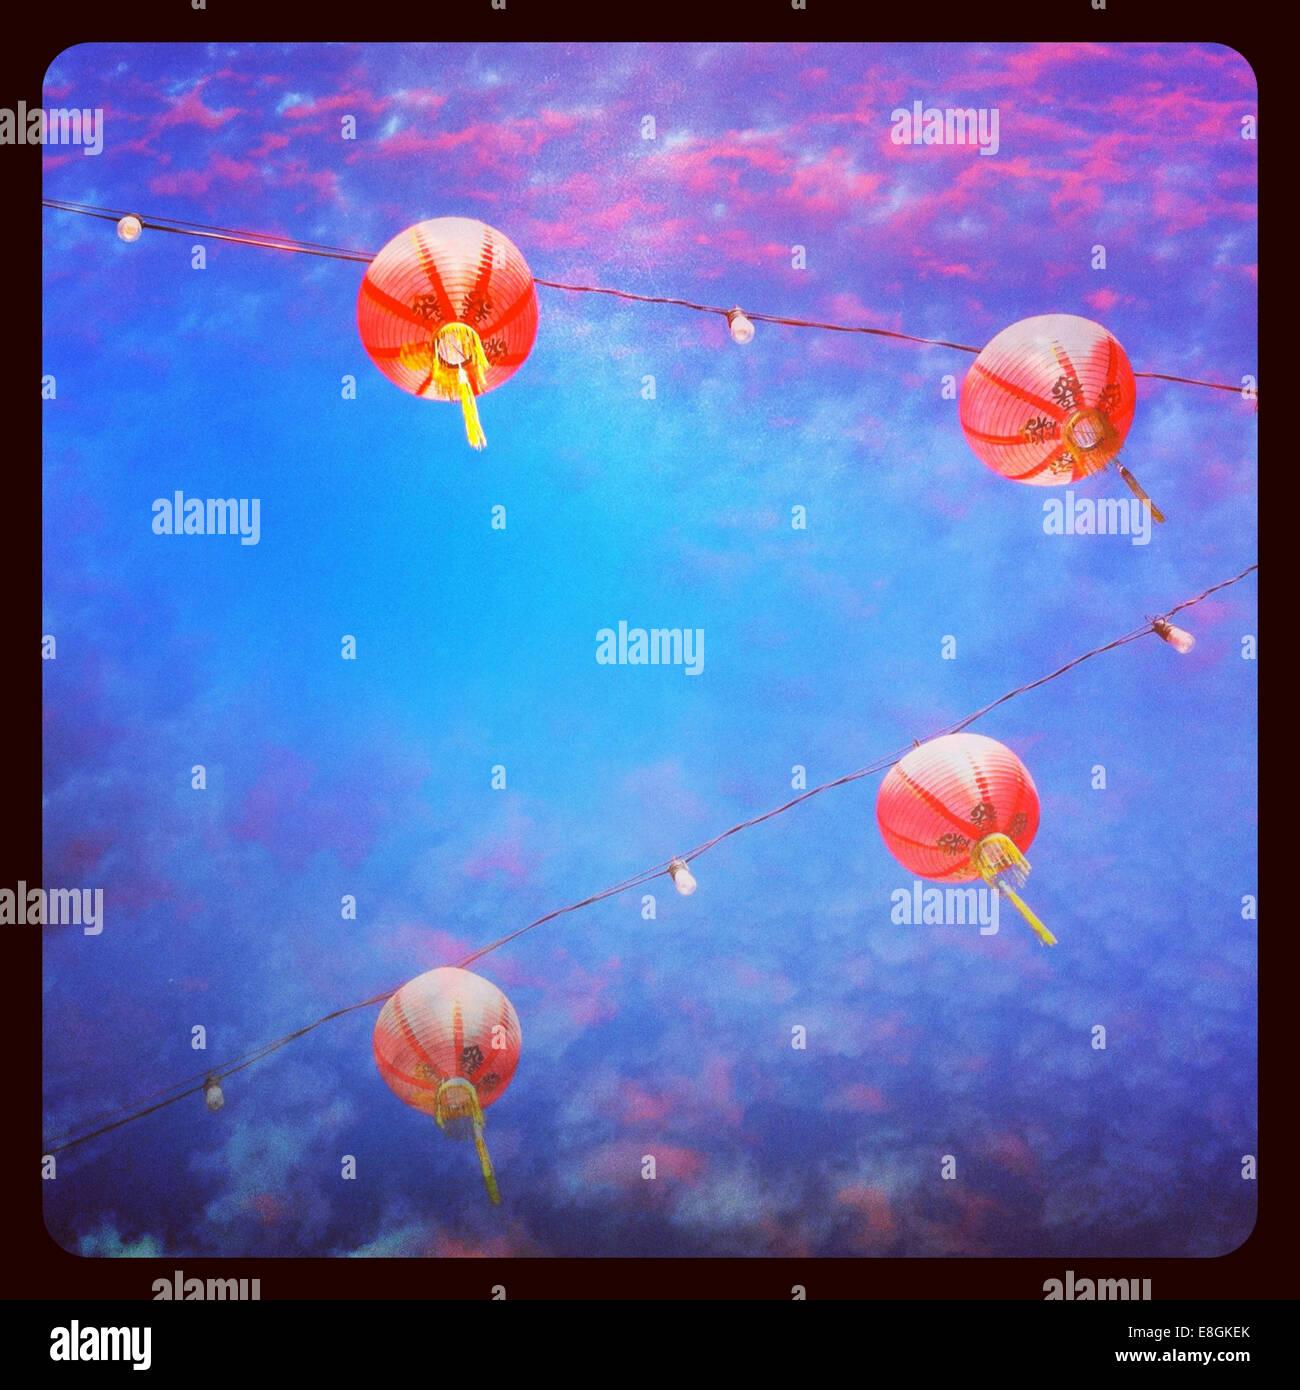 USA, Californie, Los Angeles, lanternes dans le quartier chinois Photo Stock